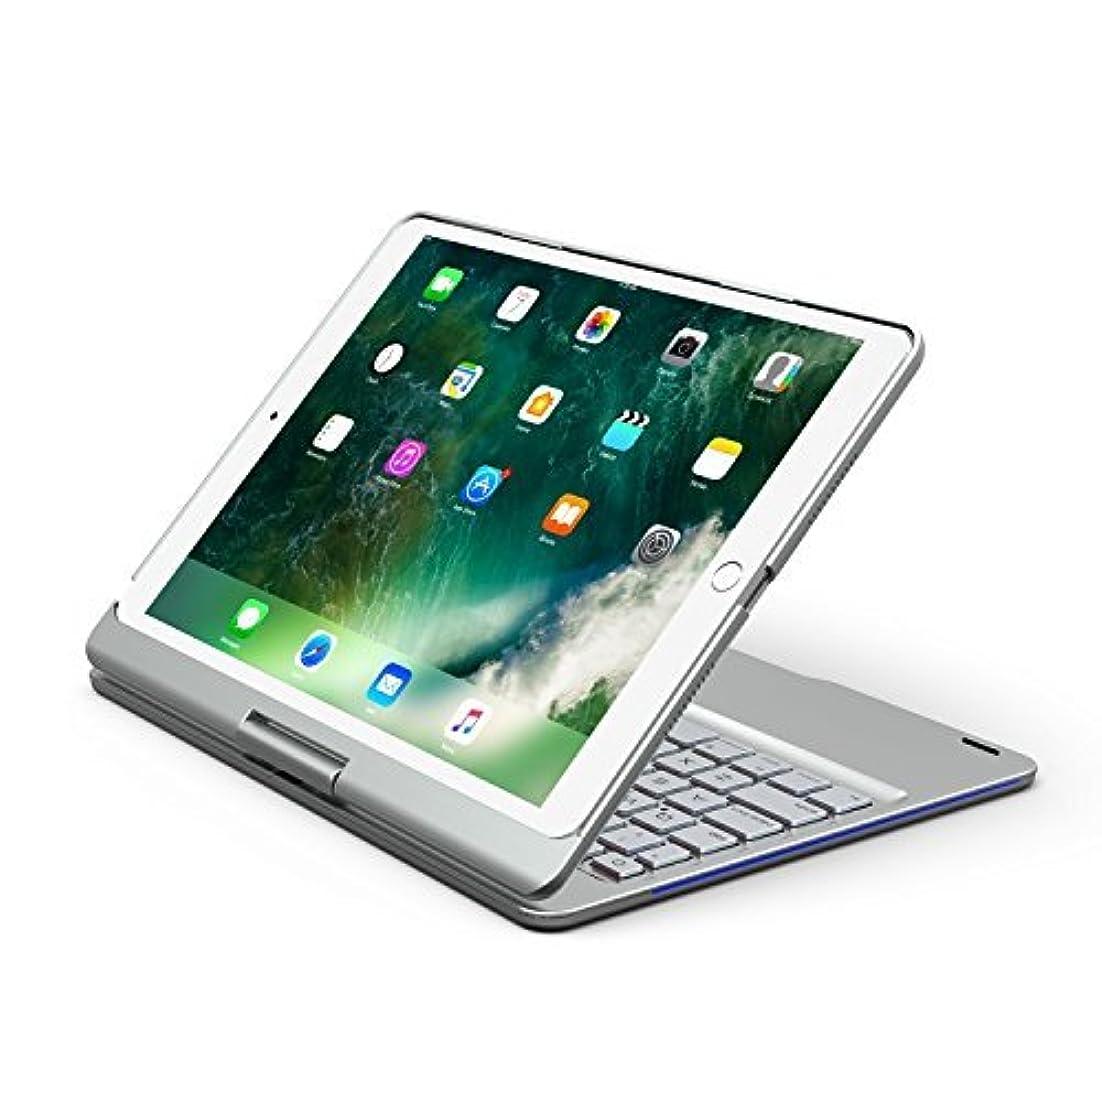 厚くするプレゼンター魔術iPad Pro 10.5キーボードケース、businda 7色バックライト付きキーボードケースカバー360 °回転スマートキーボードケース/スリープ付きiPad Pro 10.5 2017 New iPad シルバー